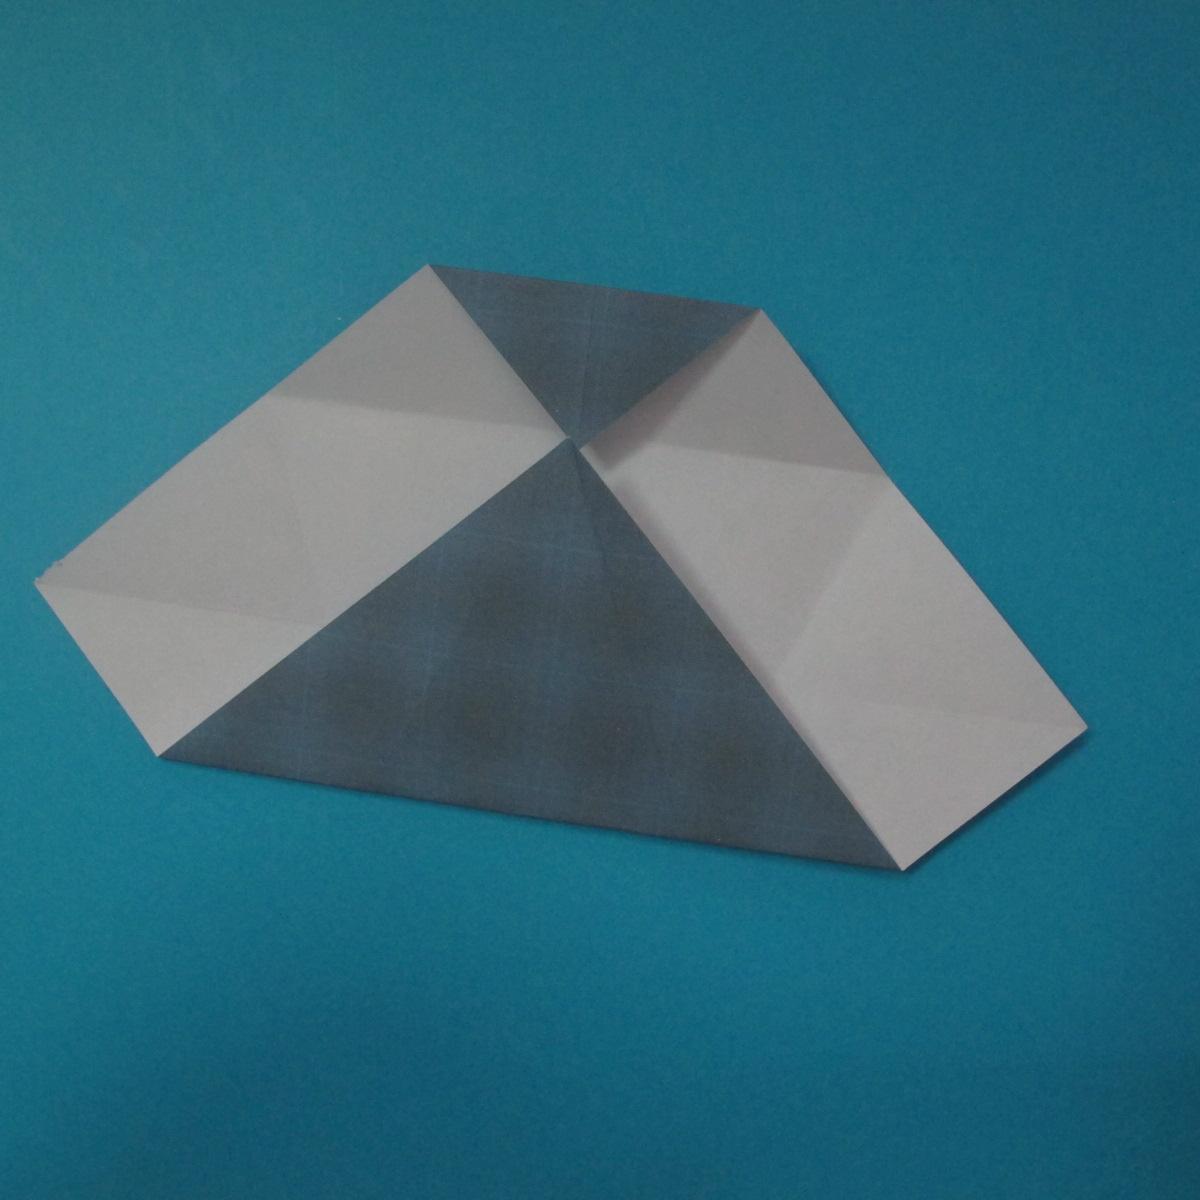 วิธีการพับกระดาษเป็นรูปนกเค้าแมว 005